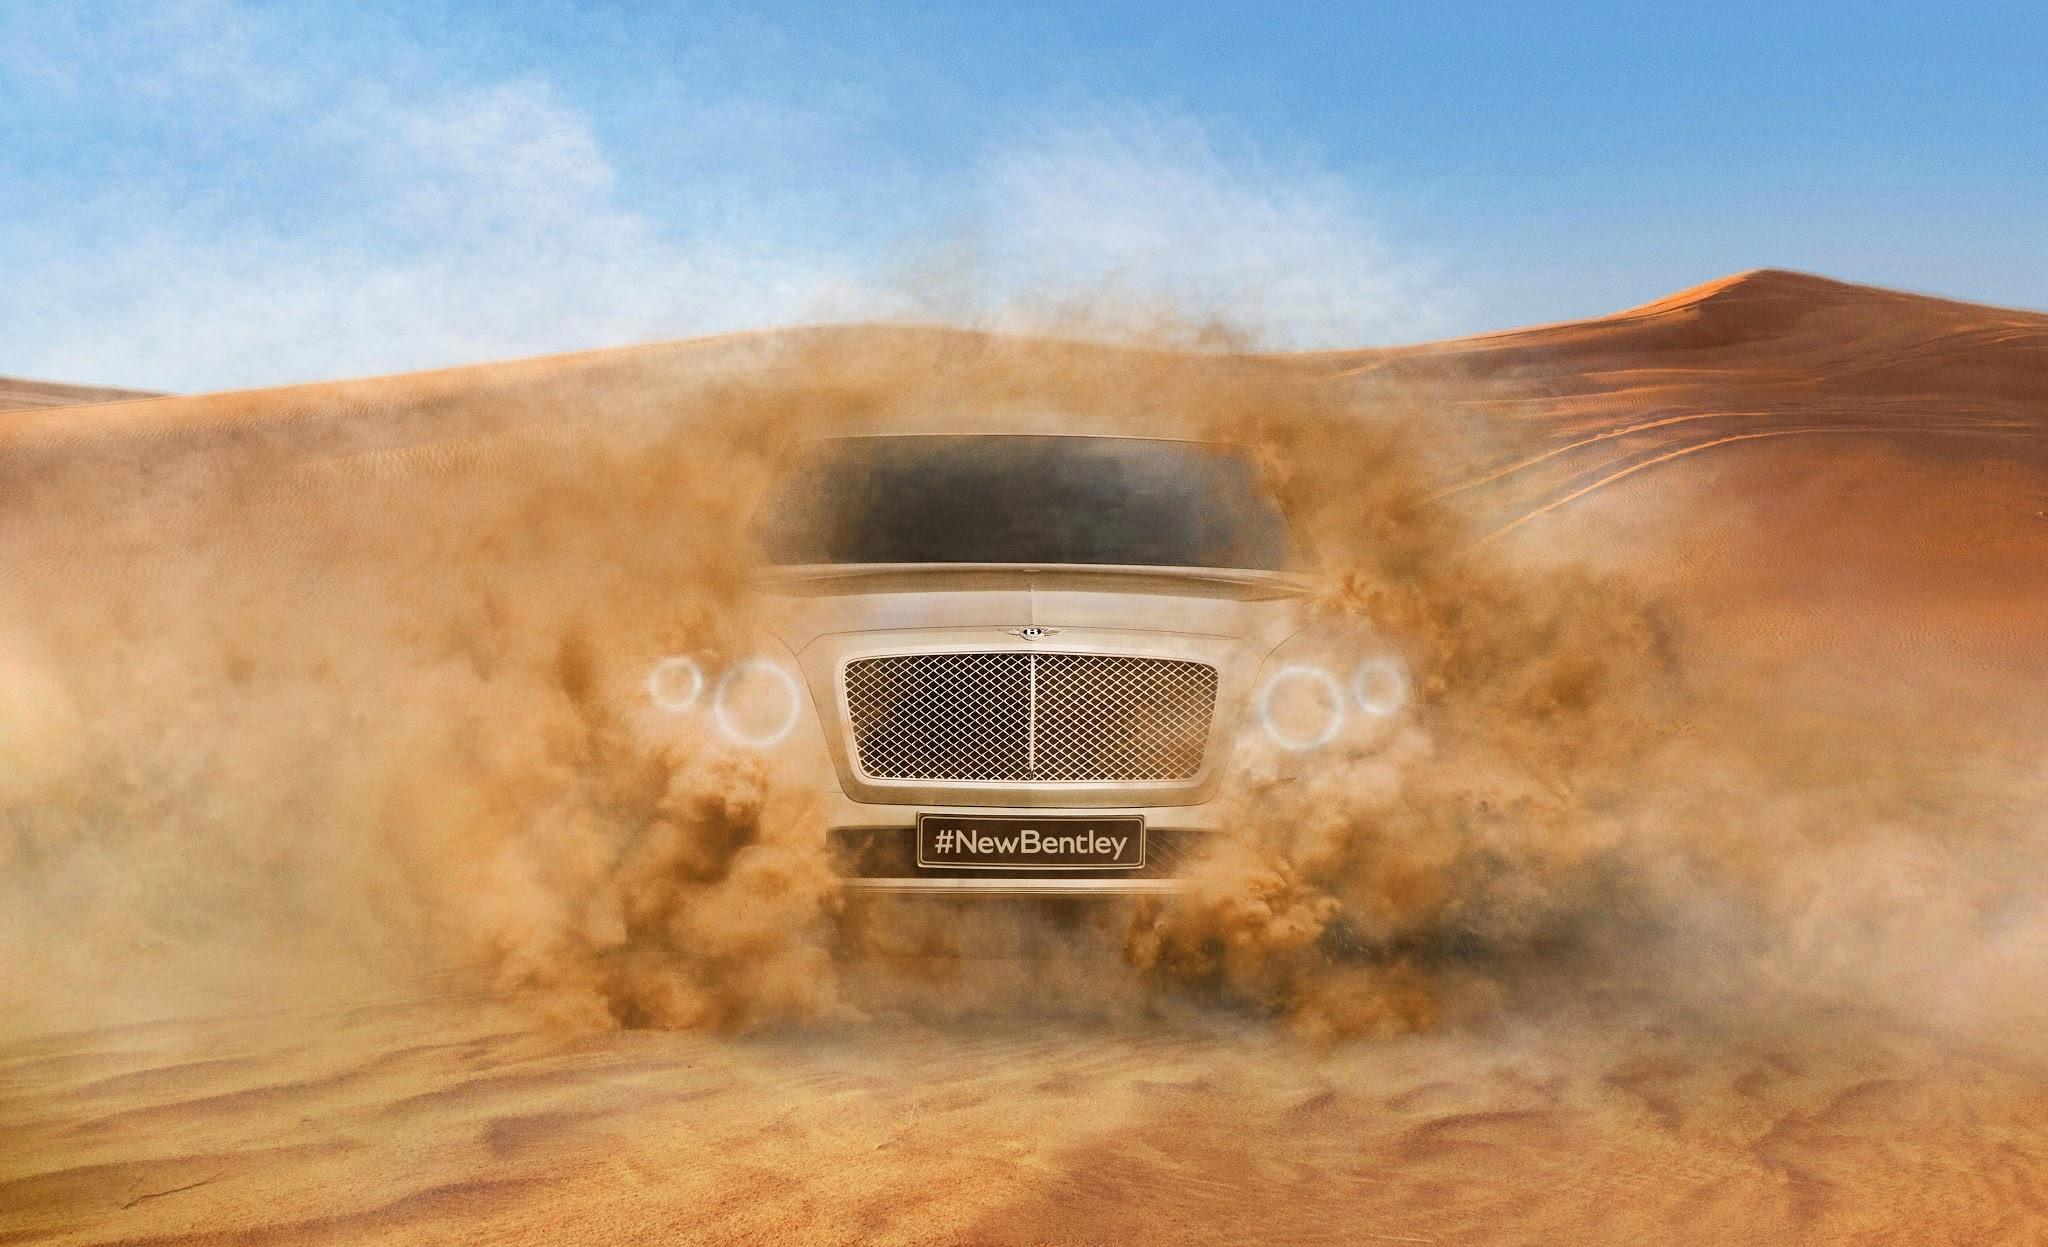 Bentley SUV Photo is Released #NewBentley